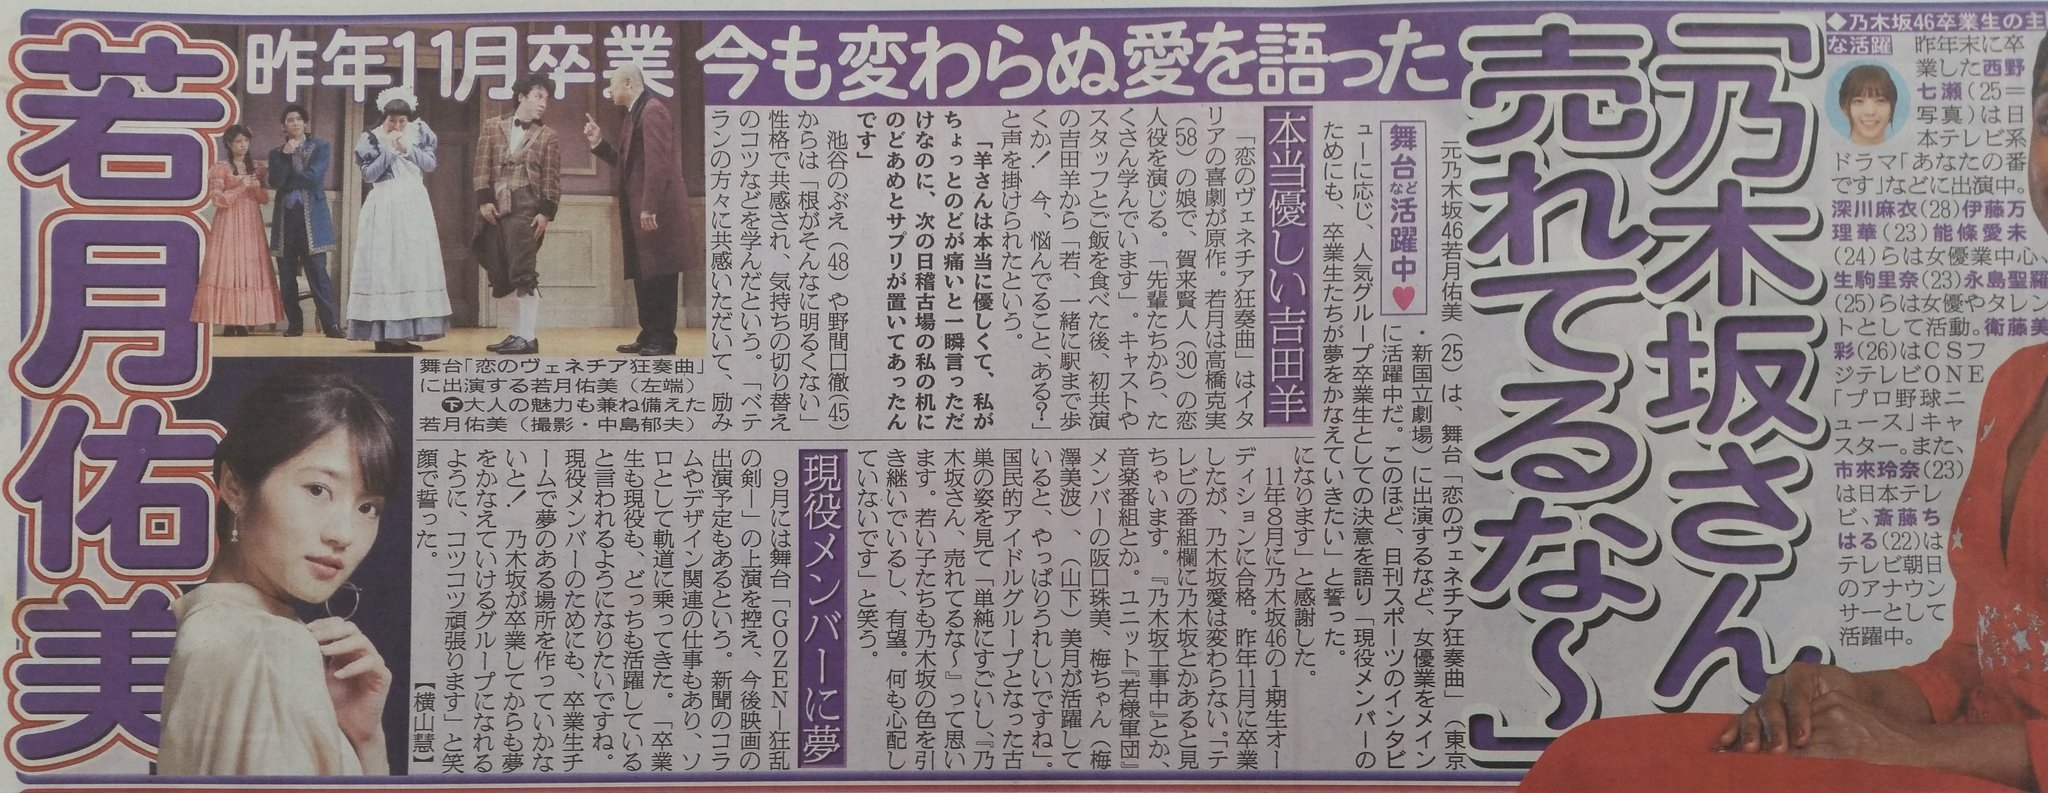 若月佑美 日刊スポーツ